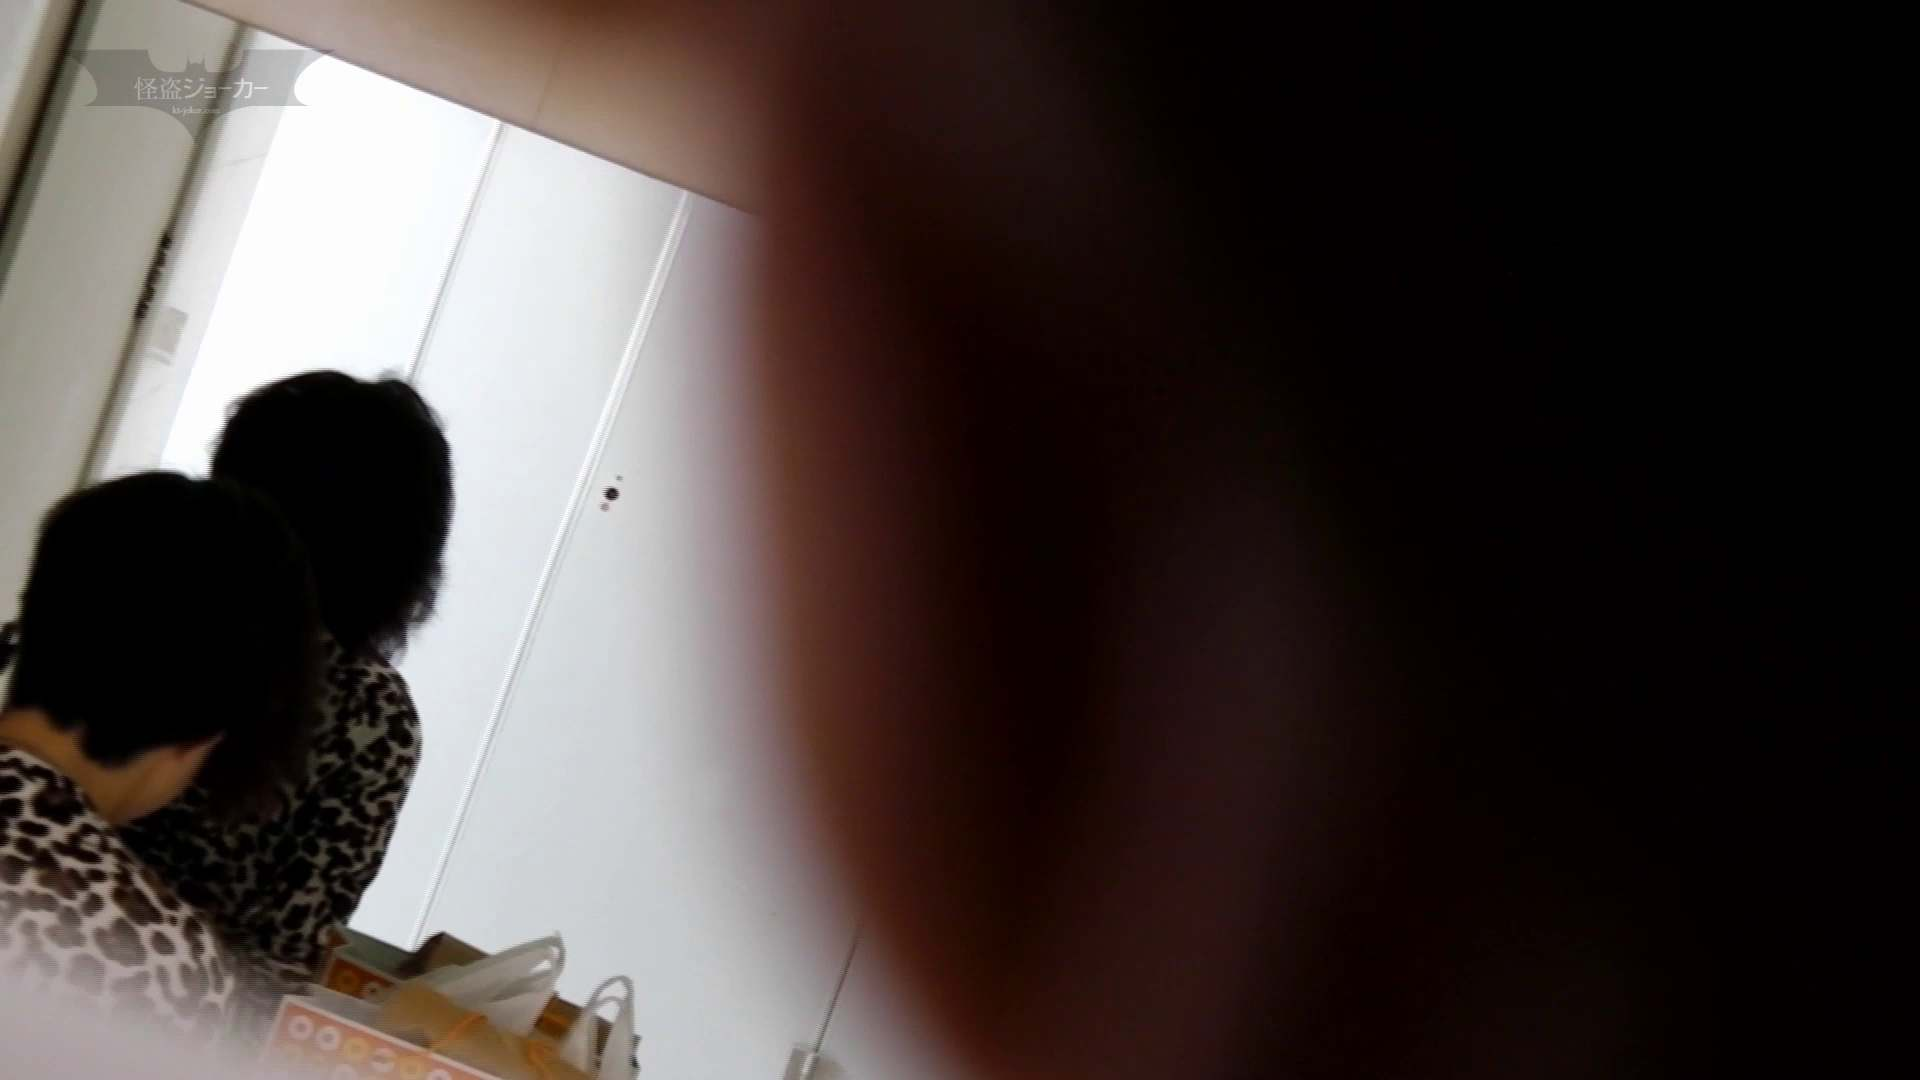 潜入!!台湾名門女学院 Vol.10 進化 美女ハメ撮り  110Pix 90